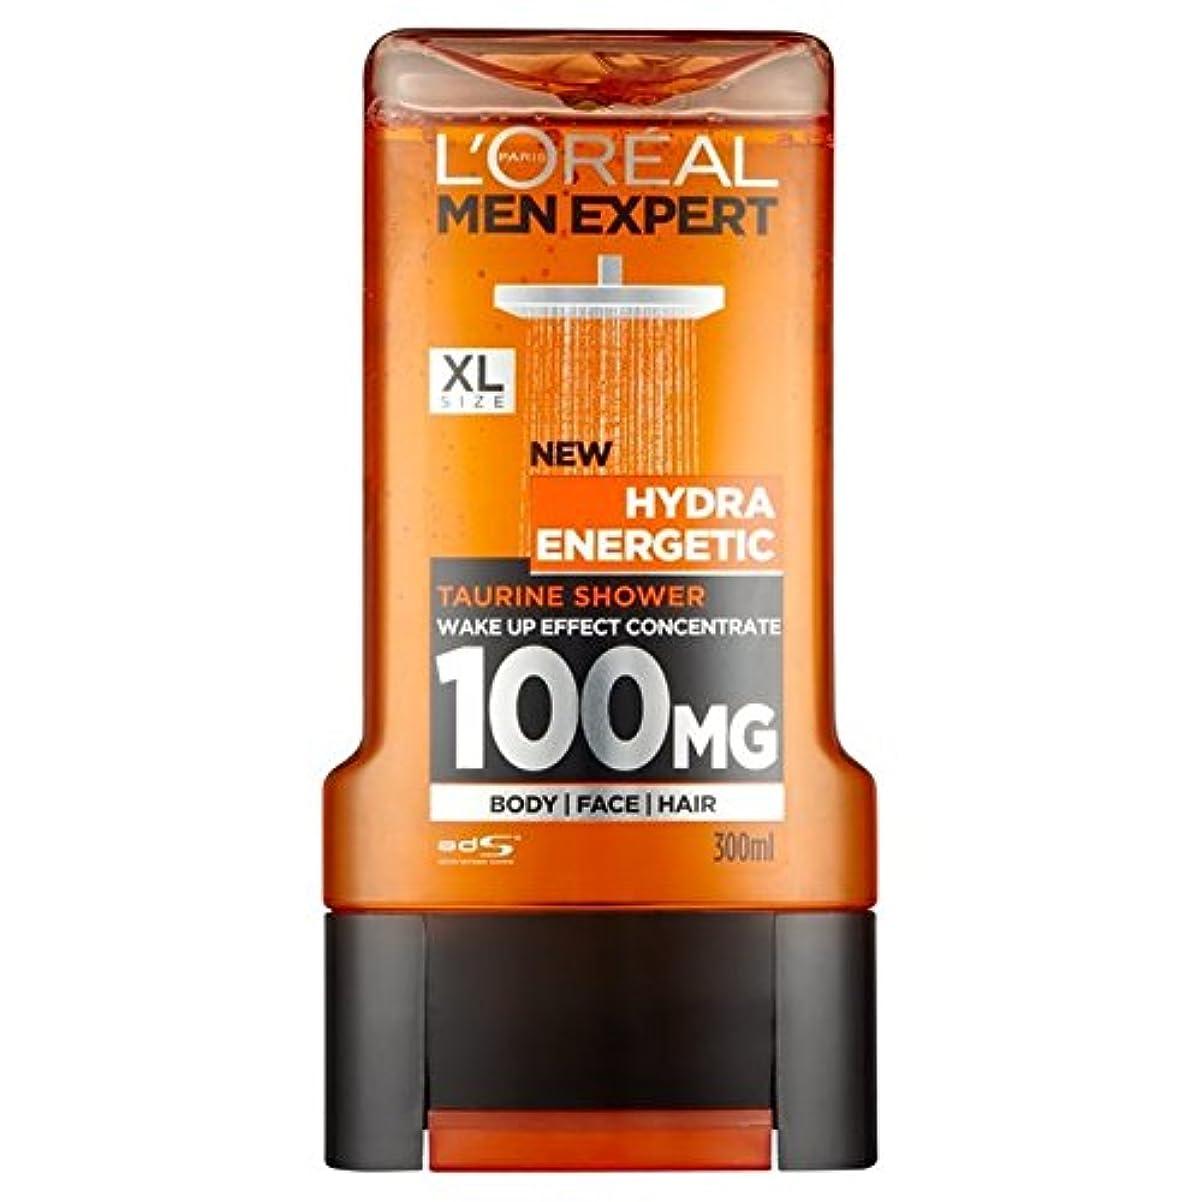 定期的イデオロギーポルトガル語ロレアルパリのメンズ専門家ヒドラエネルギッシュなシャワージェル300ミリリットル x2 - L'Oreal Paris Men Expert Hydra Energetic Shower Gel 300ml (Pack...